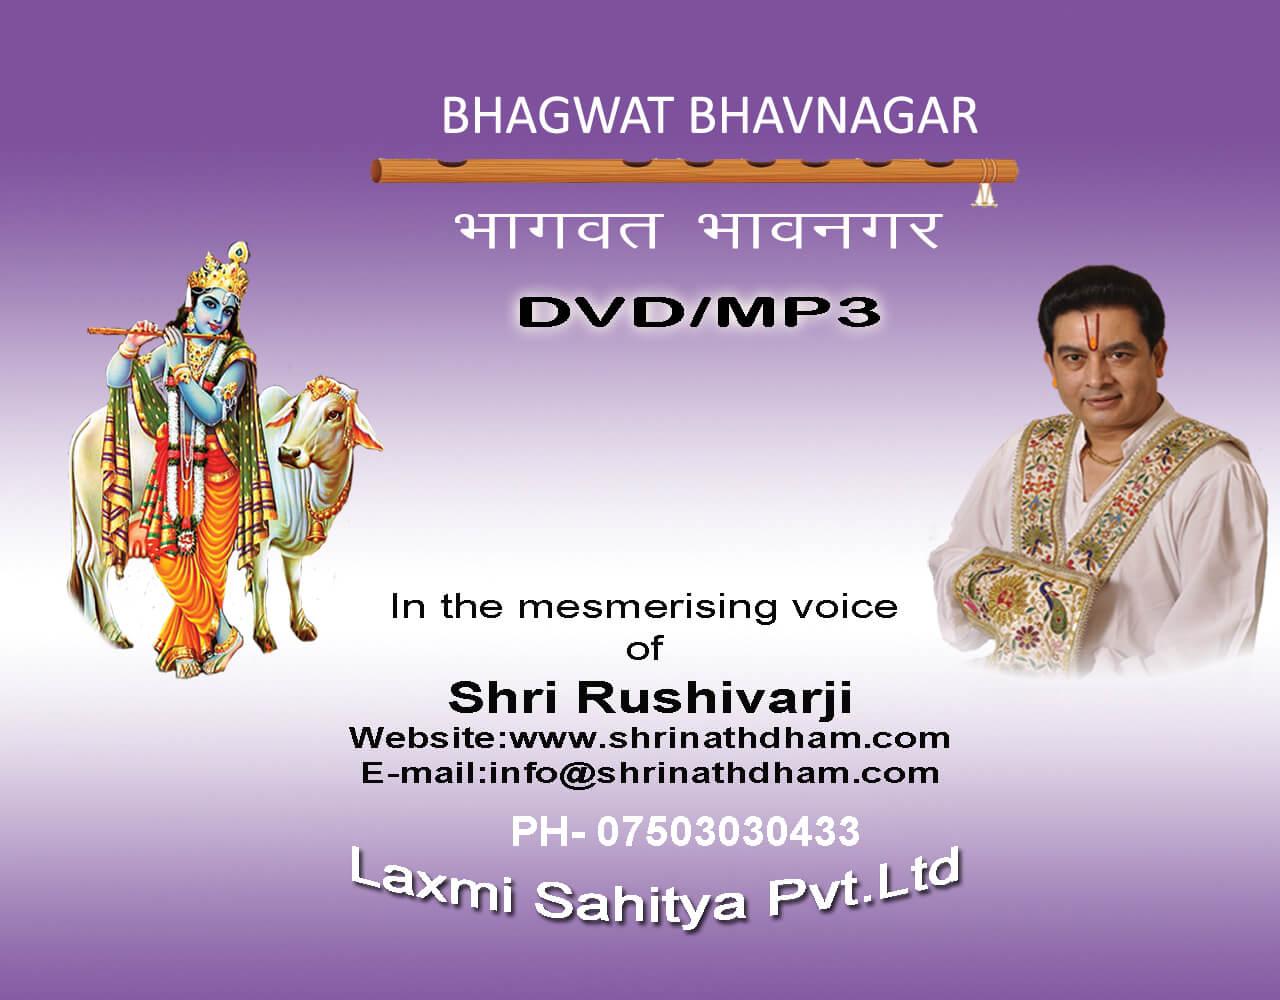 bhagwat-bhavnagar